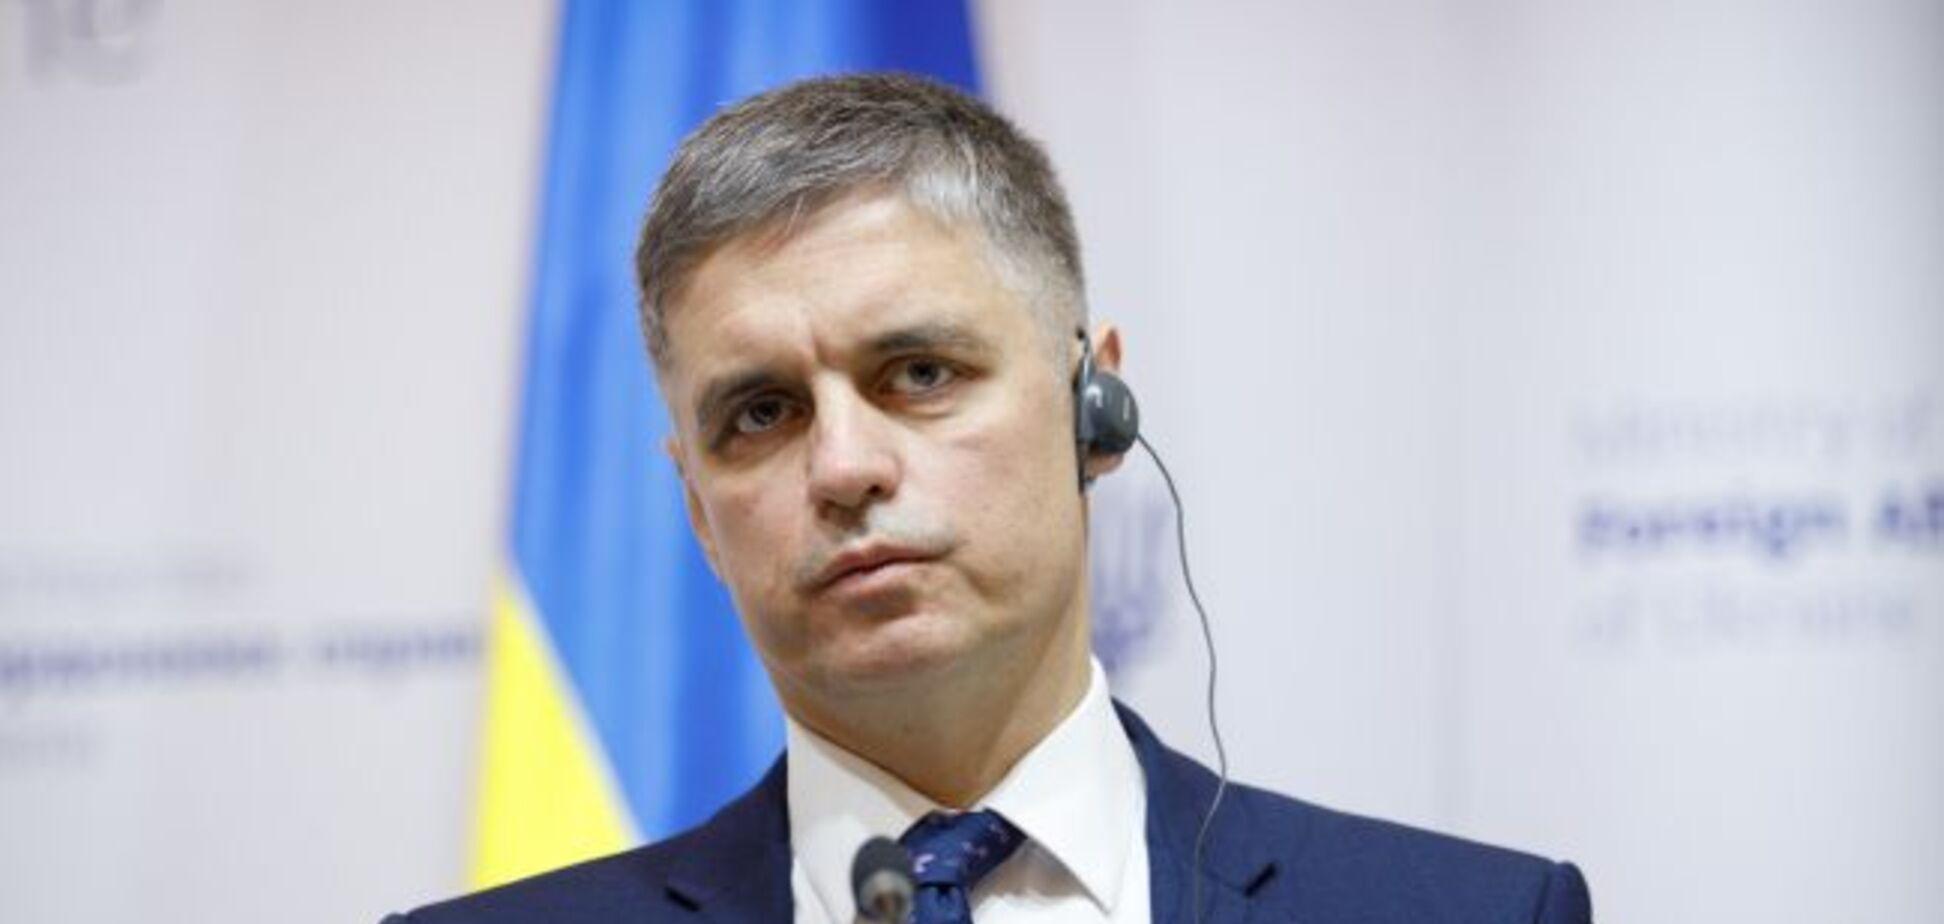 Пристайко удивил заявлением о выборах на Донбассе